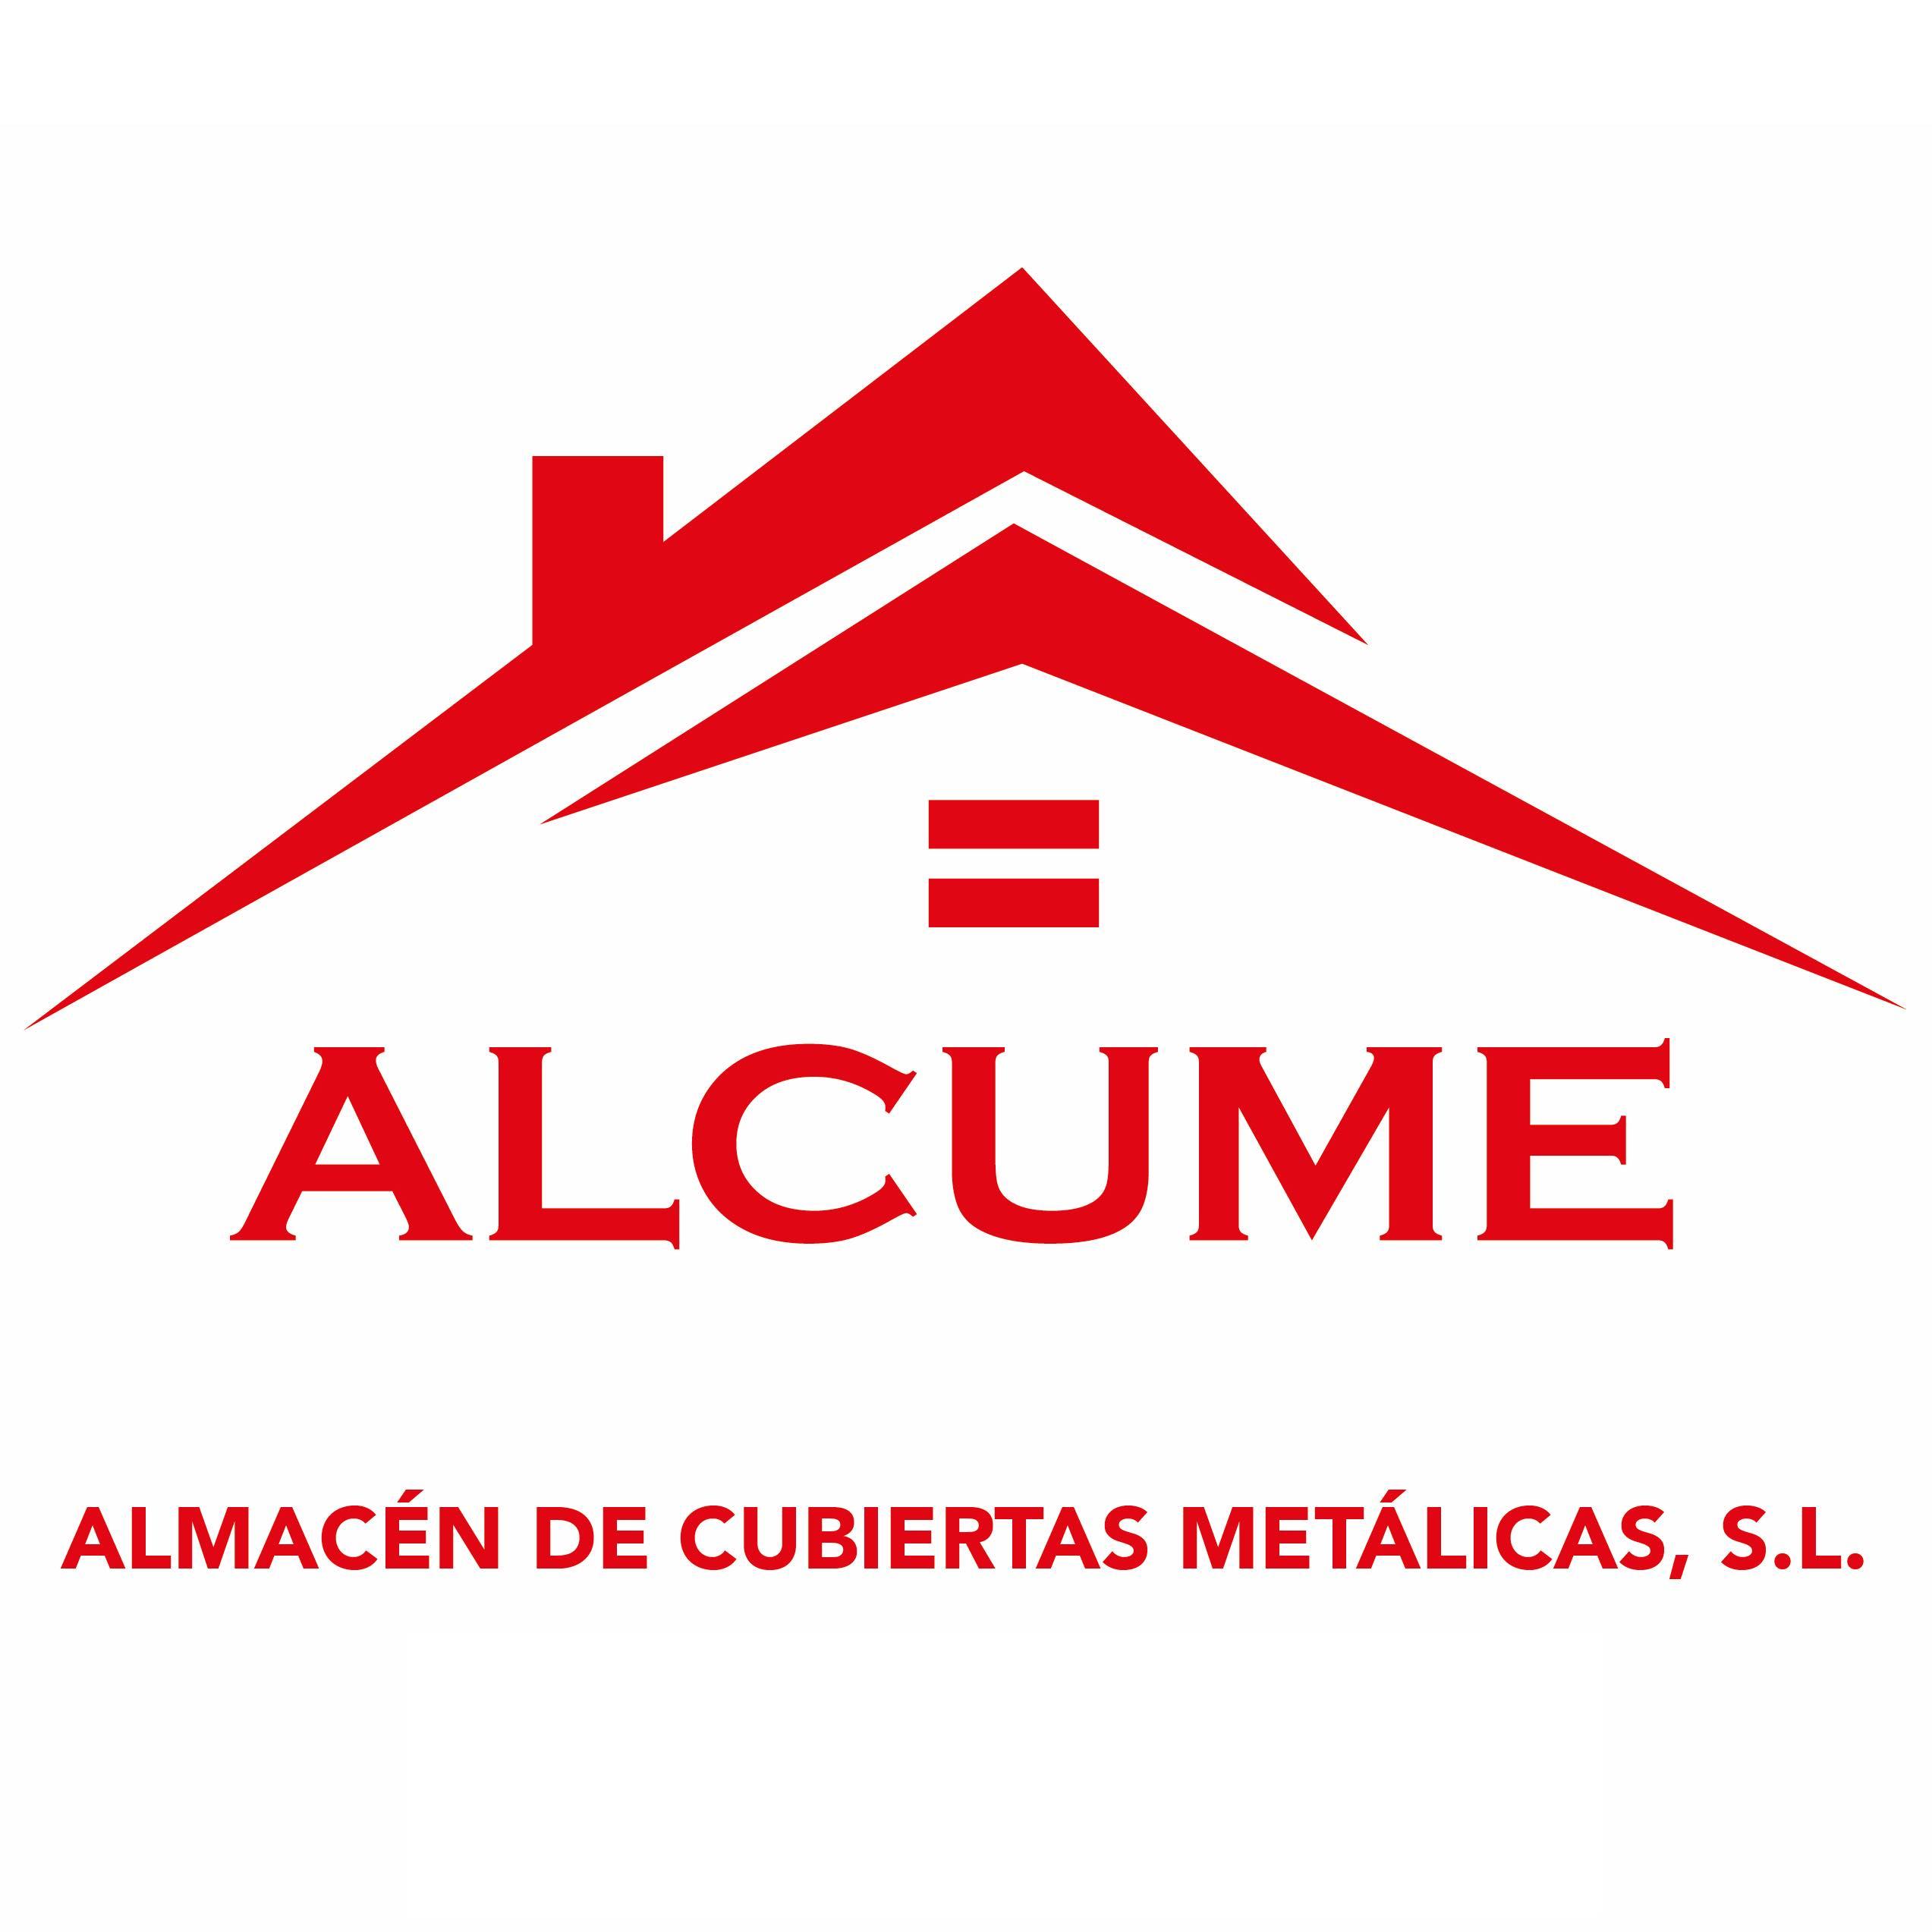 Alcume, S.l.